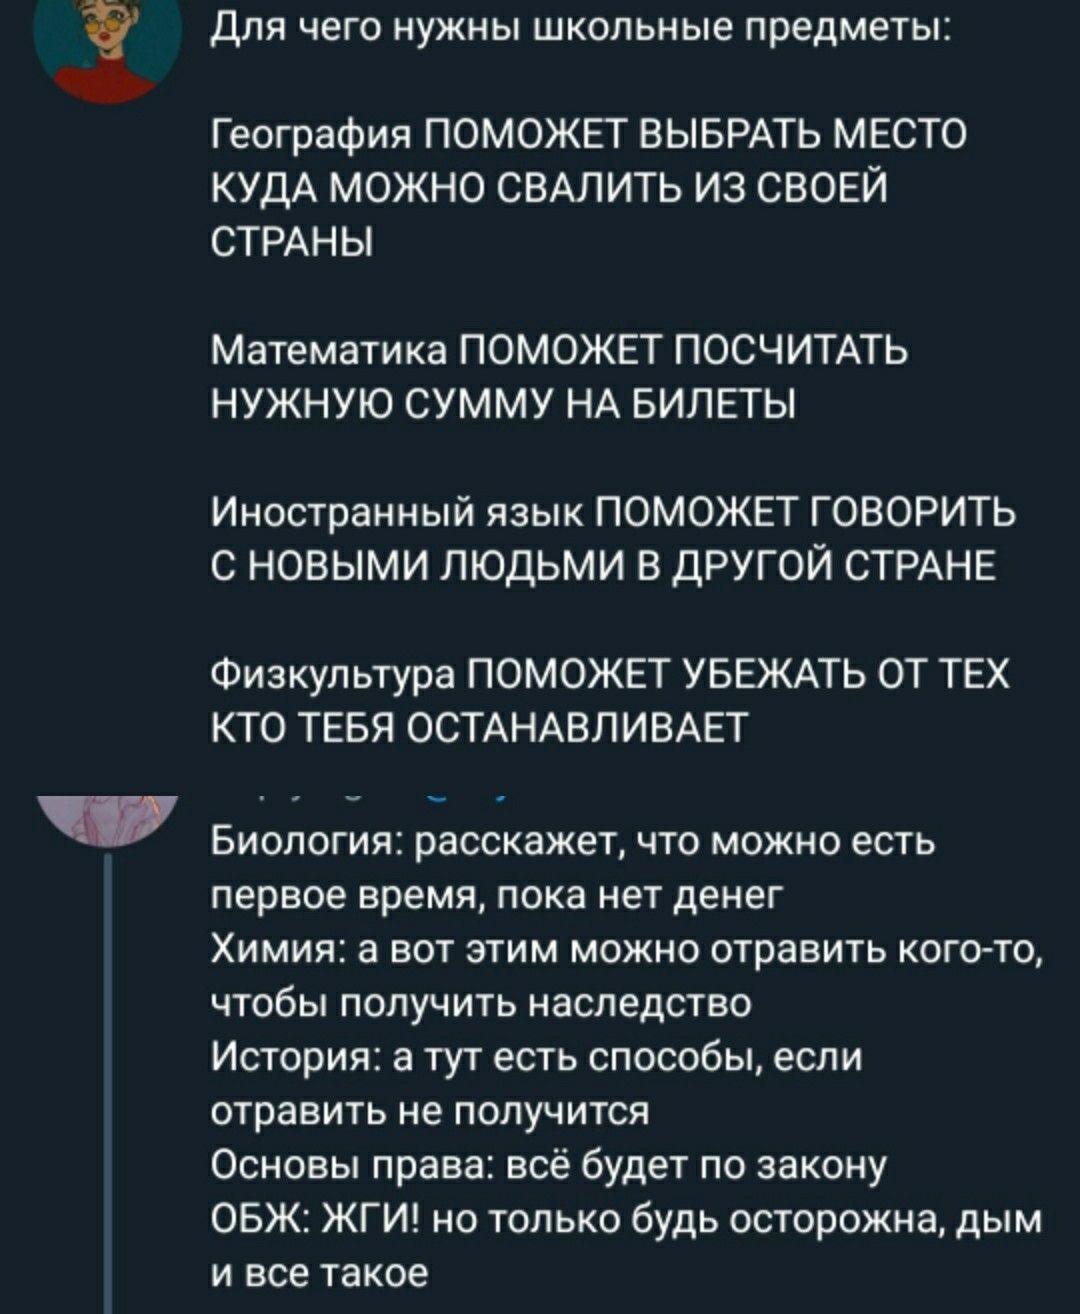 Ржачные аниме мемы на русском про школу и уроки 20